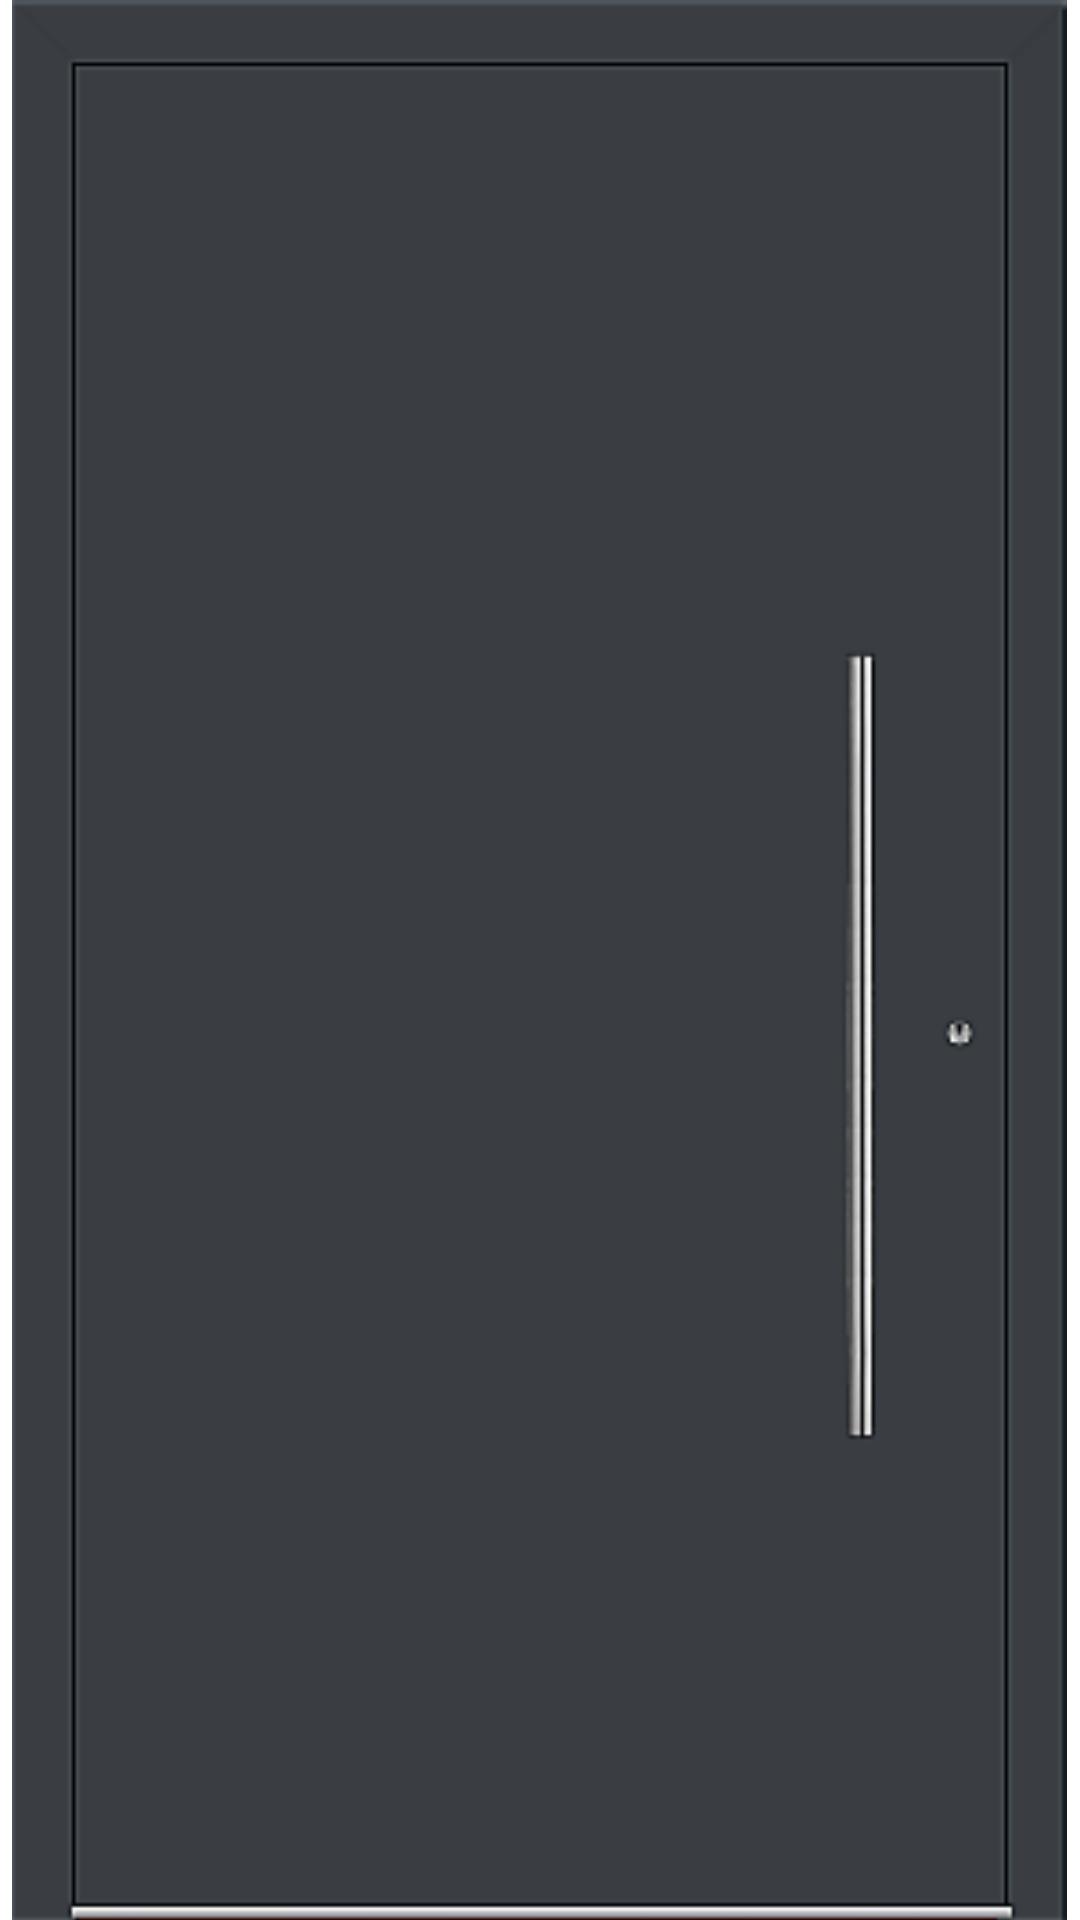 PaXentrée Aluminium Haustür M06001 anthrazitgrau